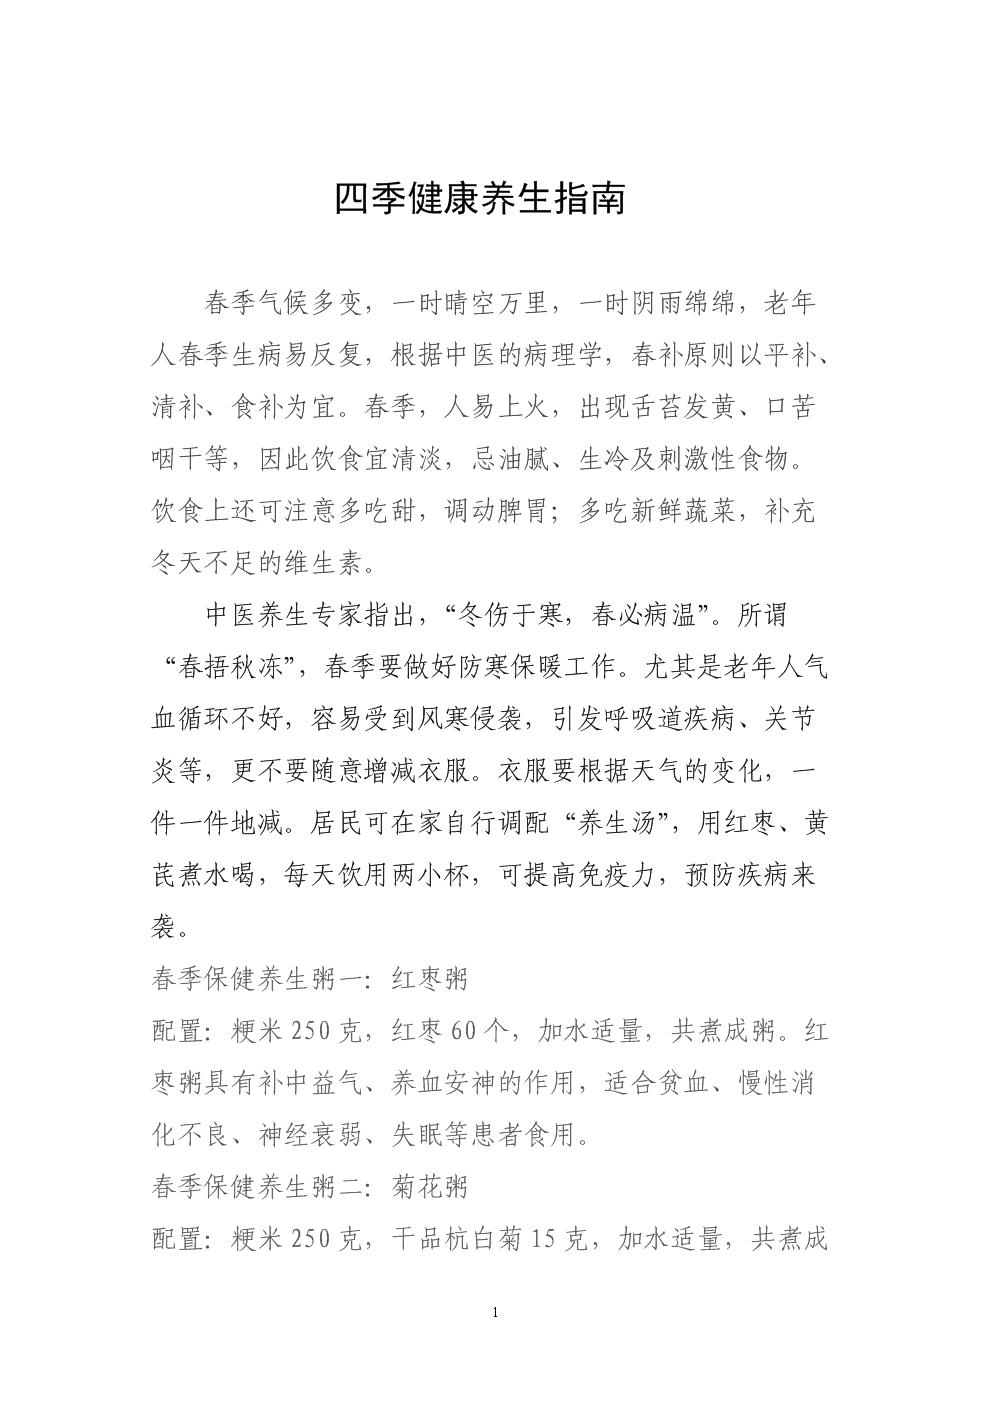 四季健康养生指南.doc